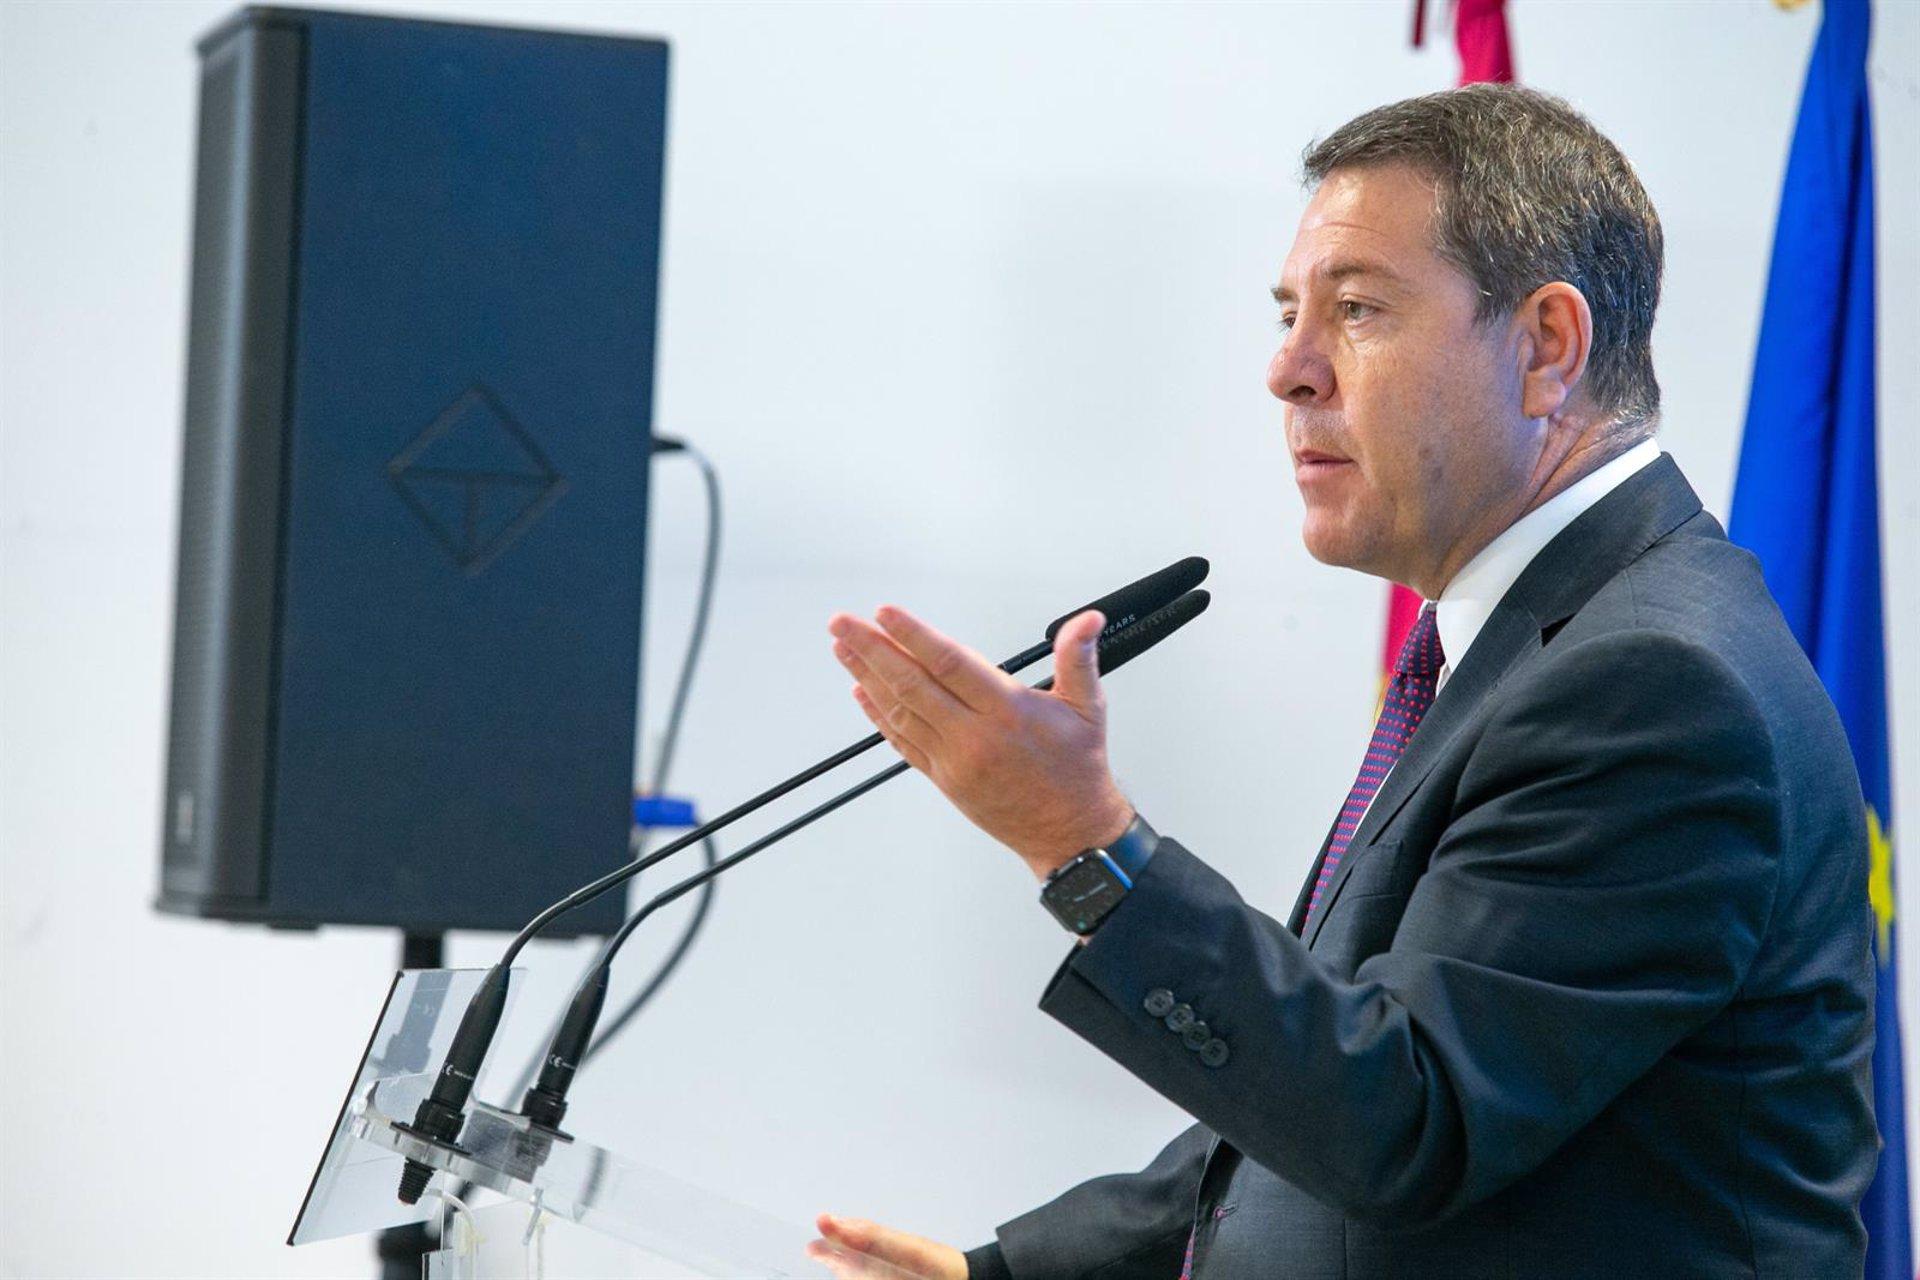 El presidente de Castilla-La Mancha, Emiliano García-Page. Cabañeros, toledo